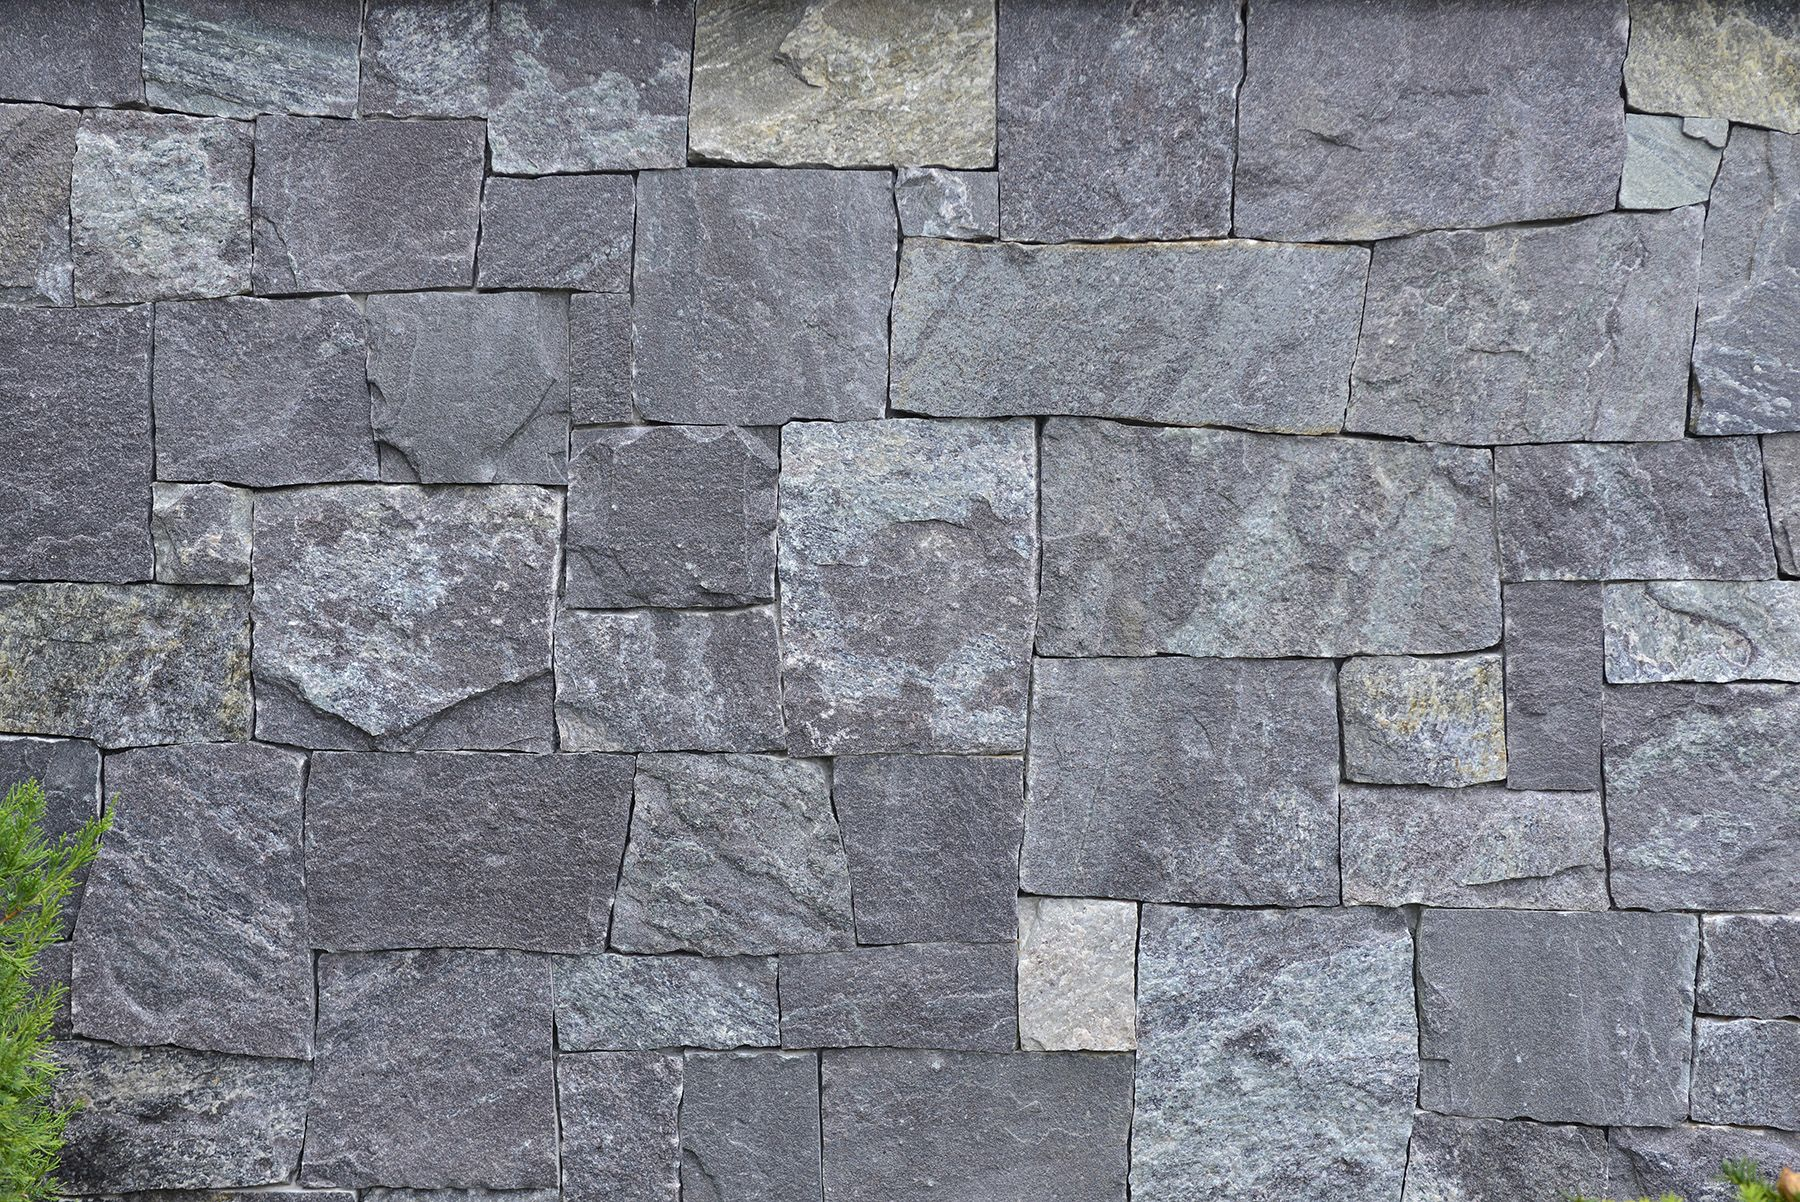 Corinthian Granite Chimney Stone Veneer Stone Veneer Natural Stone Veneer Granite